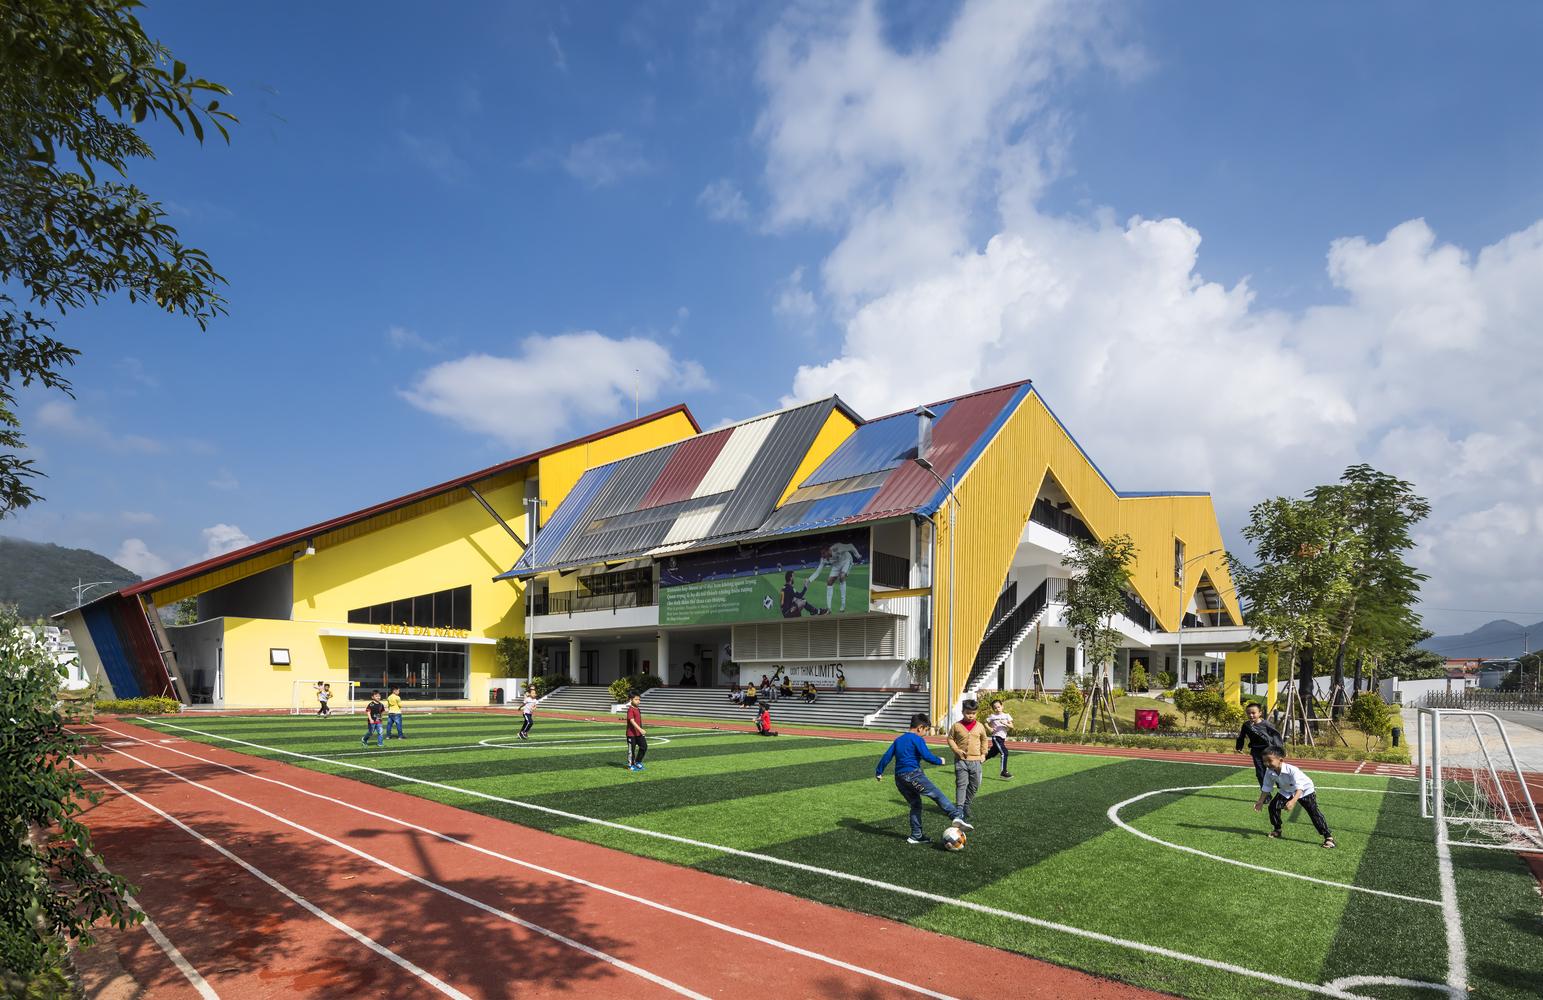 Hình ảnh các em học sinh tiểu học đang đá bóng trong khuôn viên trường tiểu học Dạ Hợp